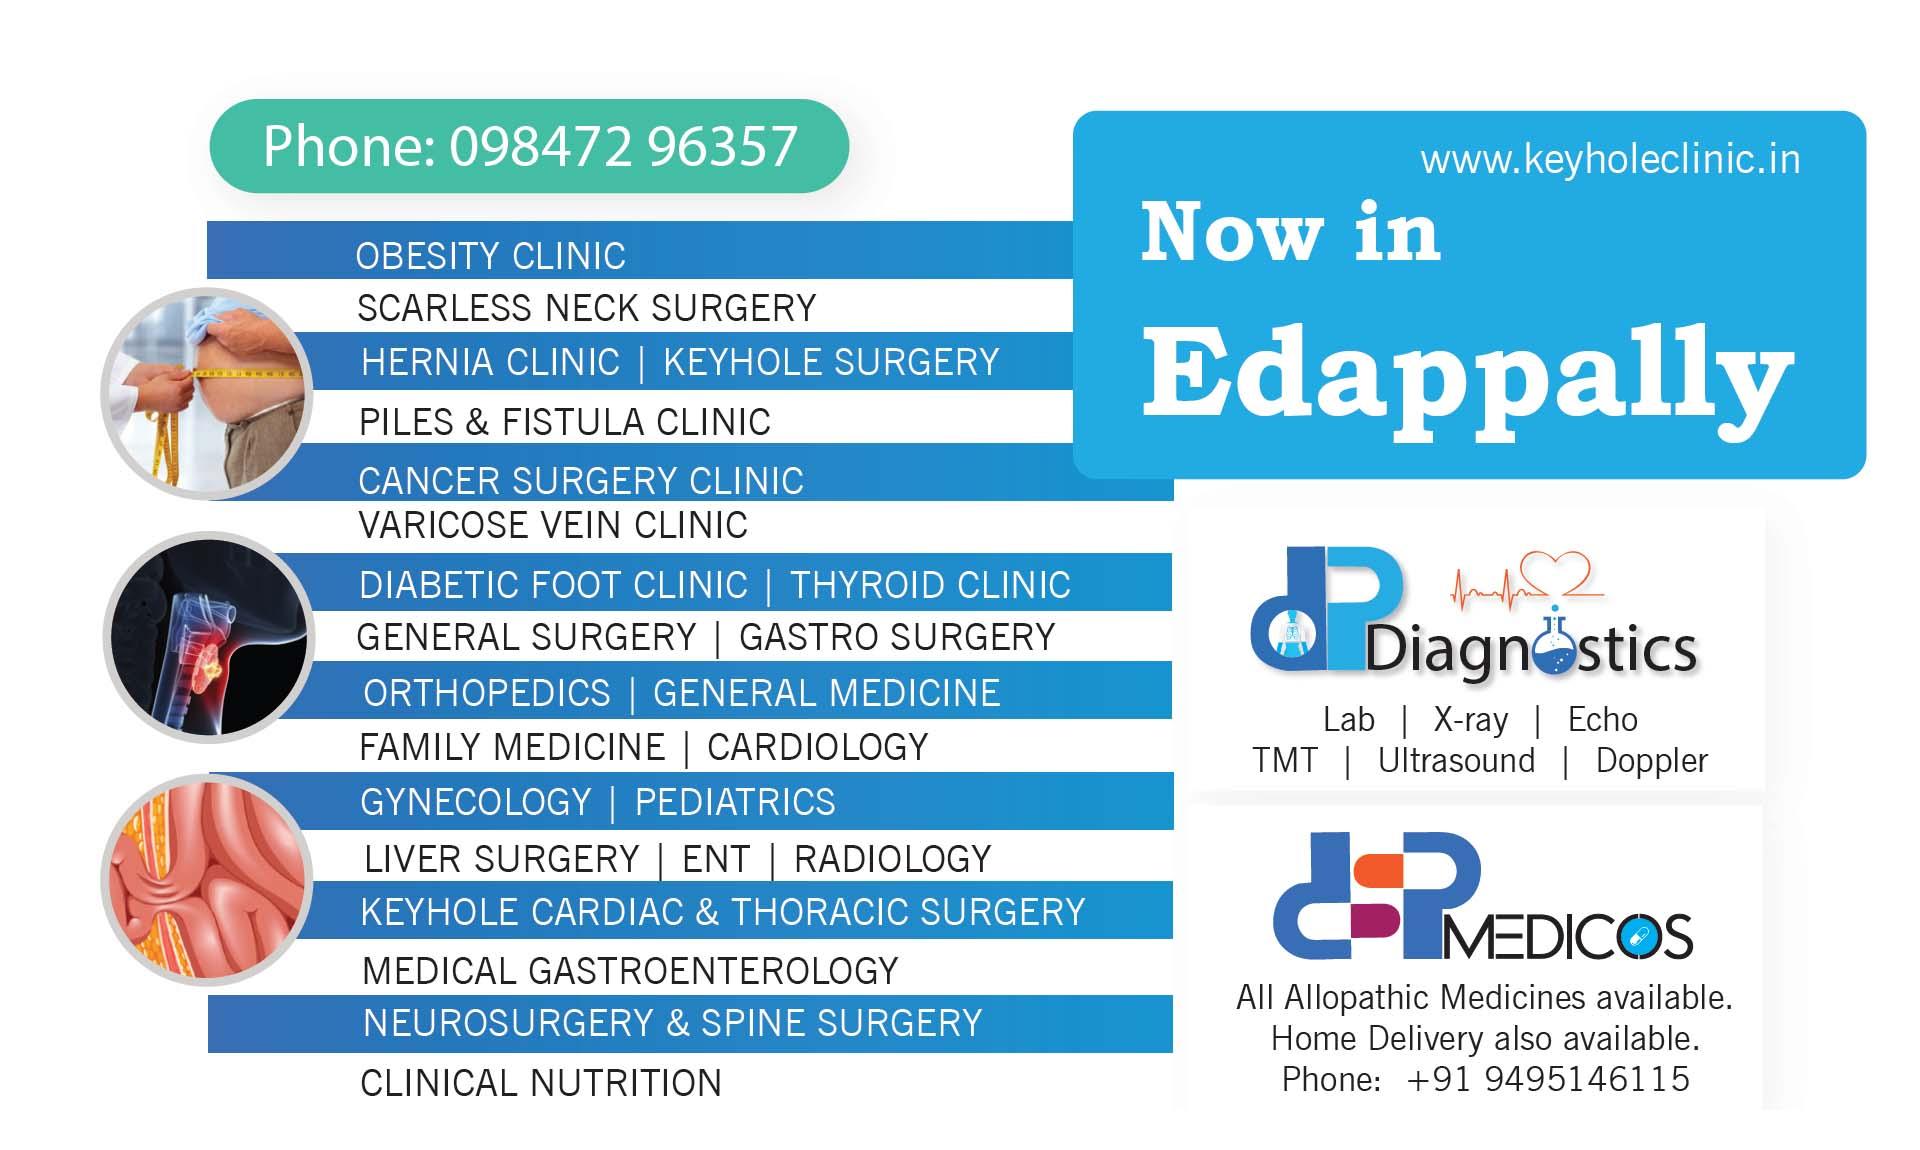 Multispeciality Clinic Edappally